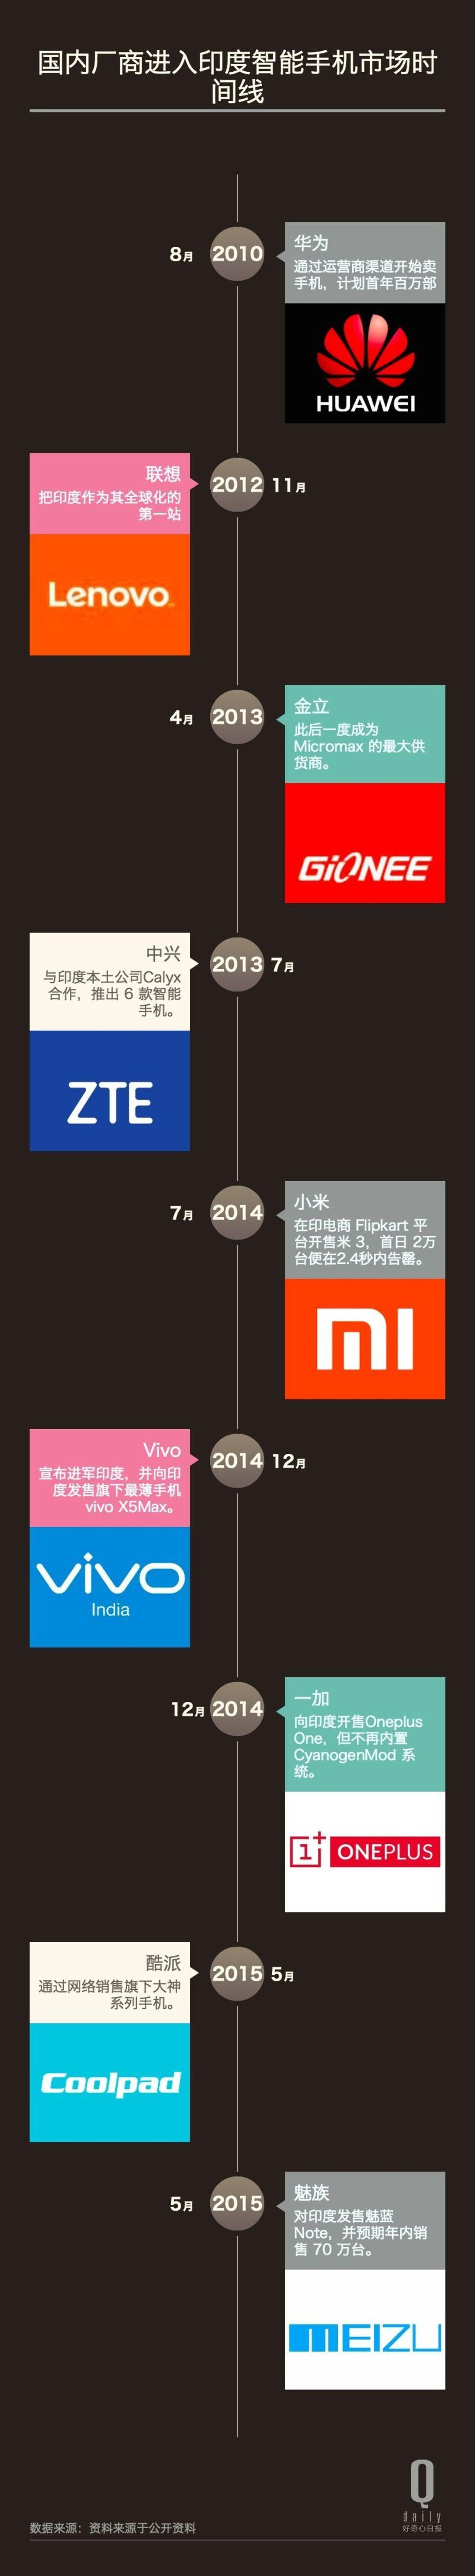 中国手机厂商进入印度时间表